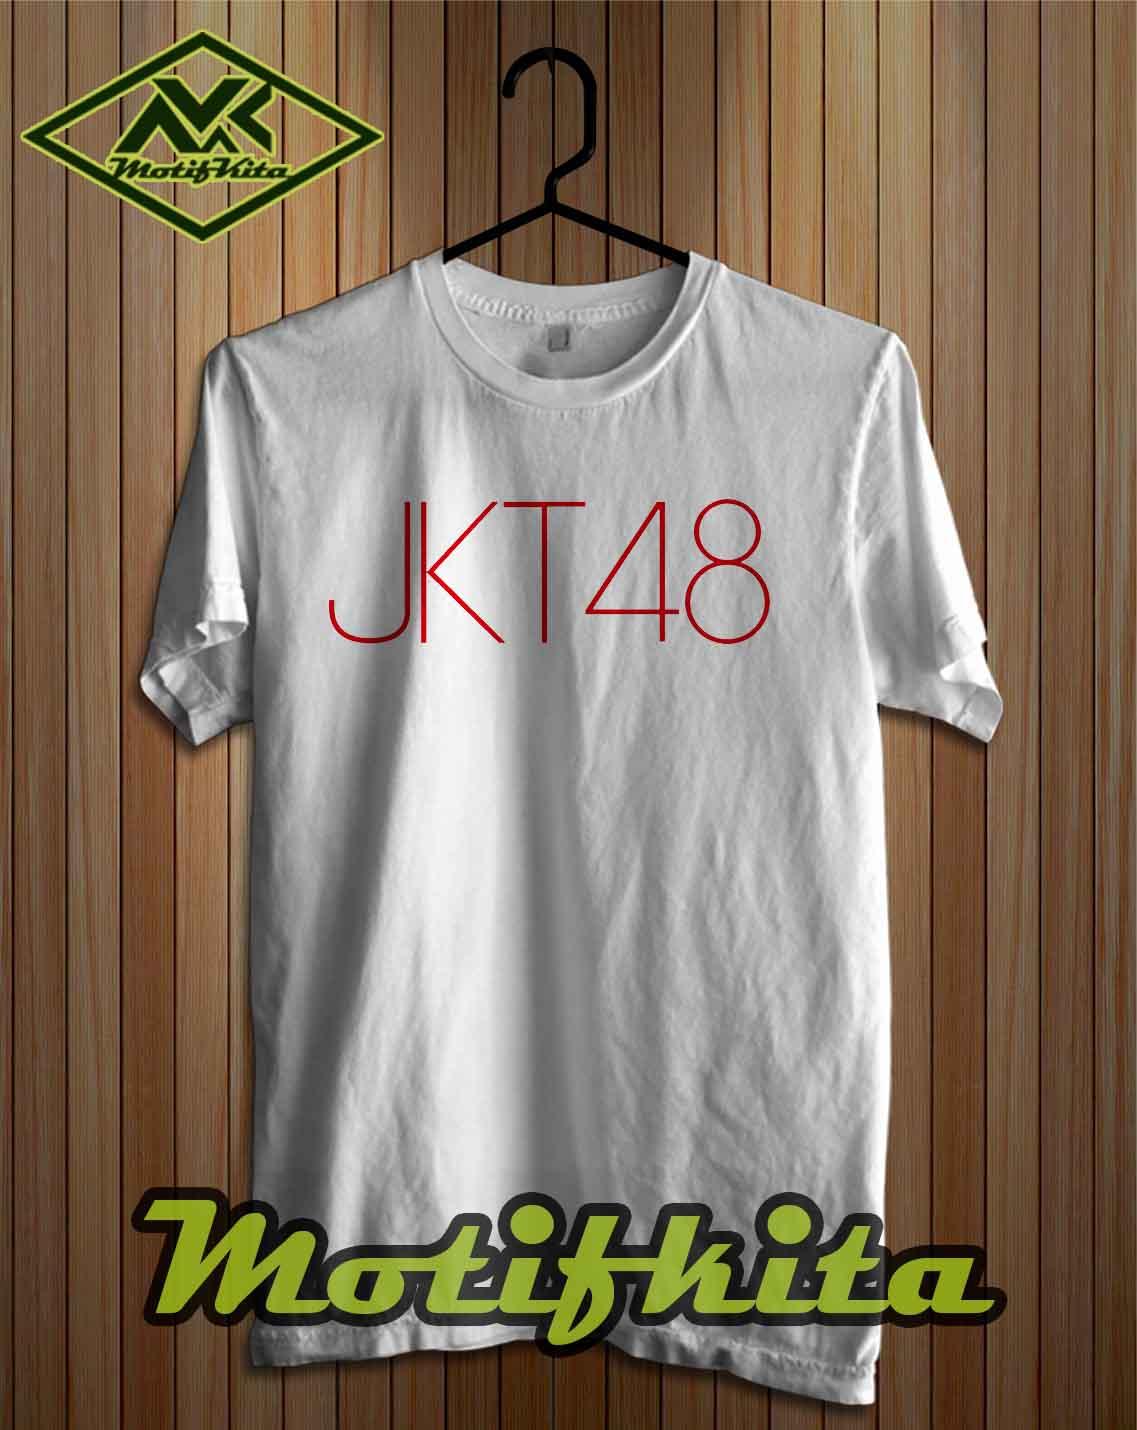 Desain t shirt jkt48 -  Baju Kaos Distro T Shirt Jkt 48 Jkt48 Simple Keren Pria